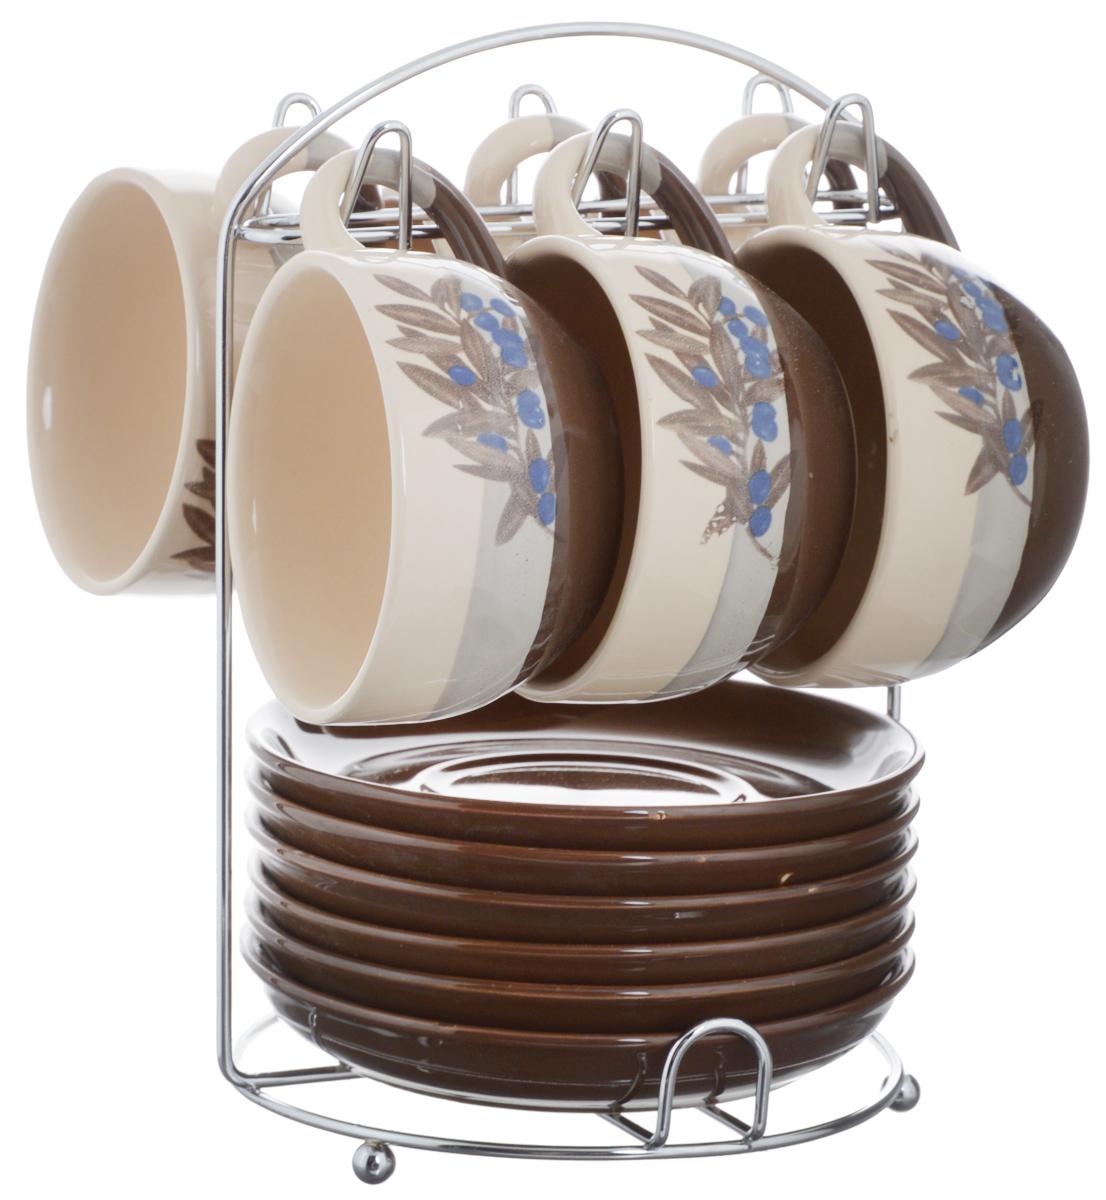 Набор чайный Calve. Маслины, на подставке, 13 предметовCL-2508_белый,синие цветочкиНабор Calve. Маслины состоит из шести чашек и шести блюдец, изготовленных из высококачественного фарфора. Чашки оформлены ярким принтом. Изделия расположены на металлической подставке. Такой набор подходит для подачи чая или кофе. Изящный дизайн придется по вкусу и ценителям классики, и тем, кто предпочитает утонченность и изысканность. Он настроит на позитивный лад и подарит хорошее настроение с самого утра. Чайный набор Calve - идеальный и необходимый подарок для вашего дома и для ваших друзей в праздники.Можно мыть в посудомоечной машине. Объем чашки: 220 мл. Диаметр чашки (по верхнему краю): 9,5 см. Высота чашки: 6,3 см. Диаметр блюдца: 14,5 см. Высота блюдца: 2,3 см.Размер подставки: 16,5 х 16 х 22,5 см.